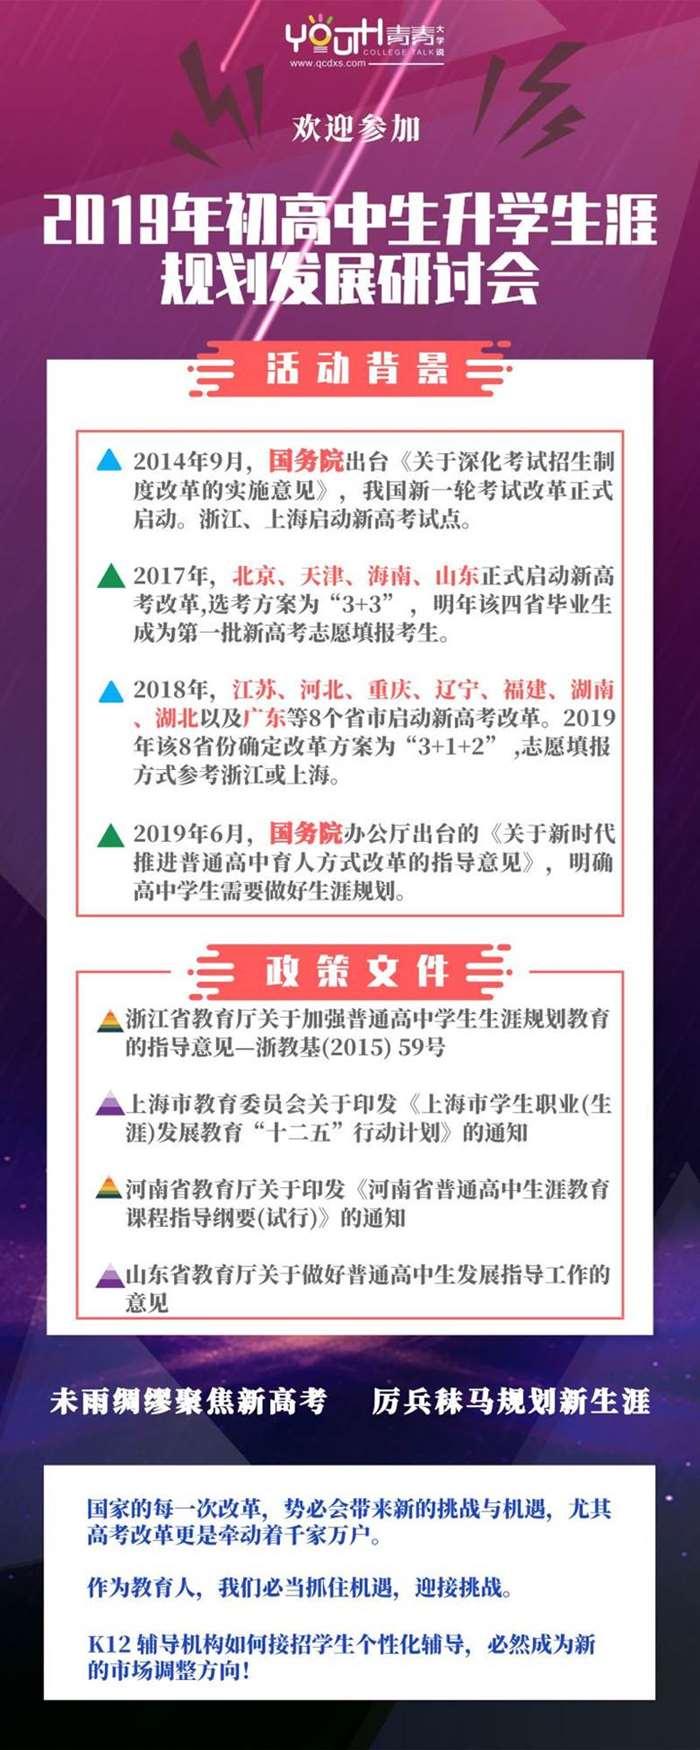 1_长图海报_2019.08.01.jpg